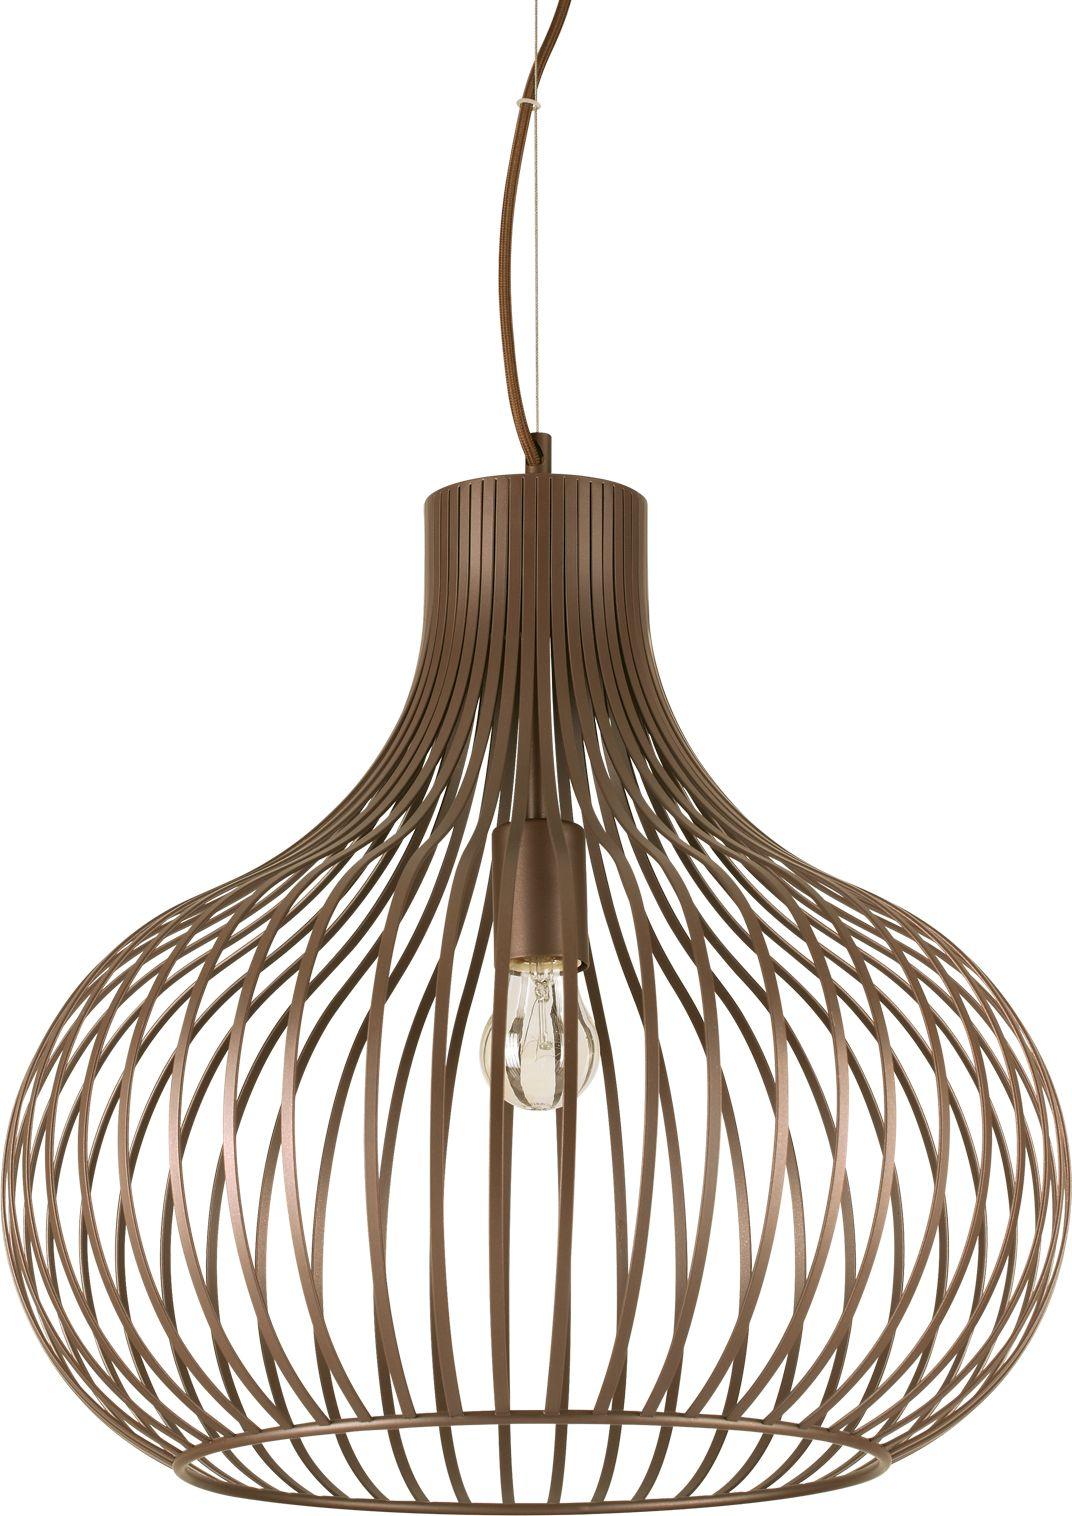 Lampa sufitowa Onion SP1 D48 205304 Ideal Lux nowoczesna oprawa sufitowa w kolorze brązowym